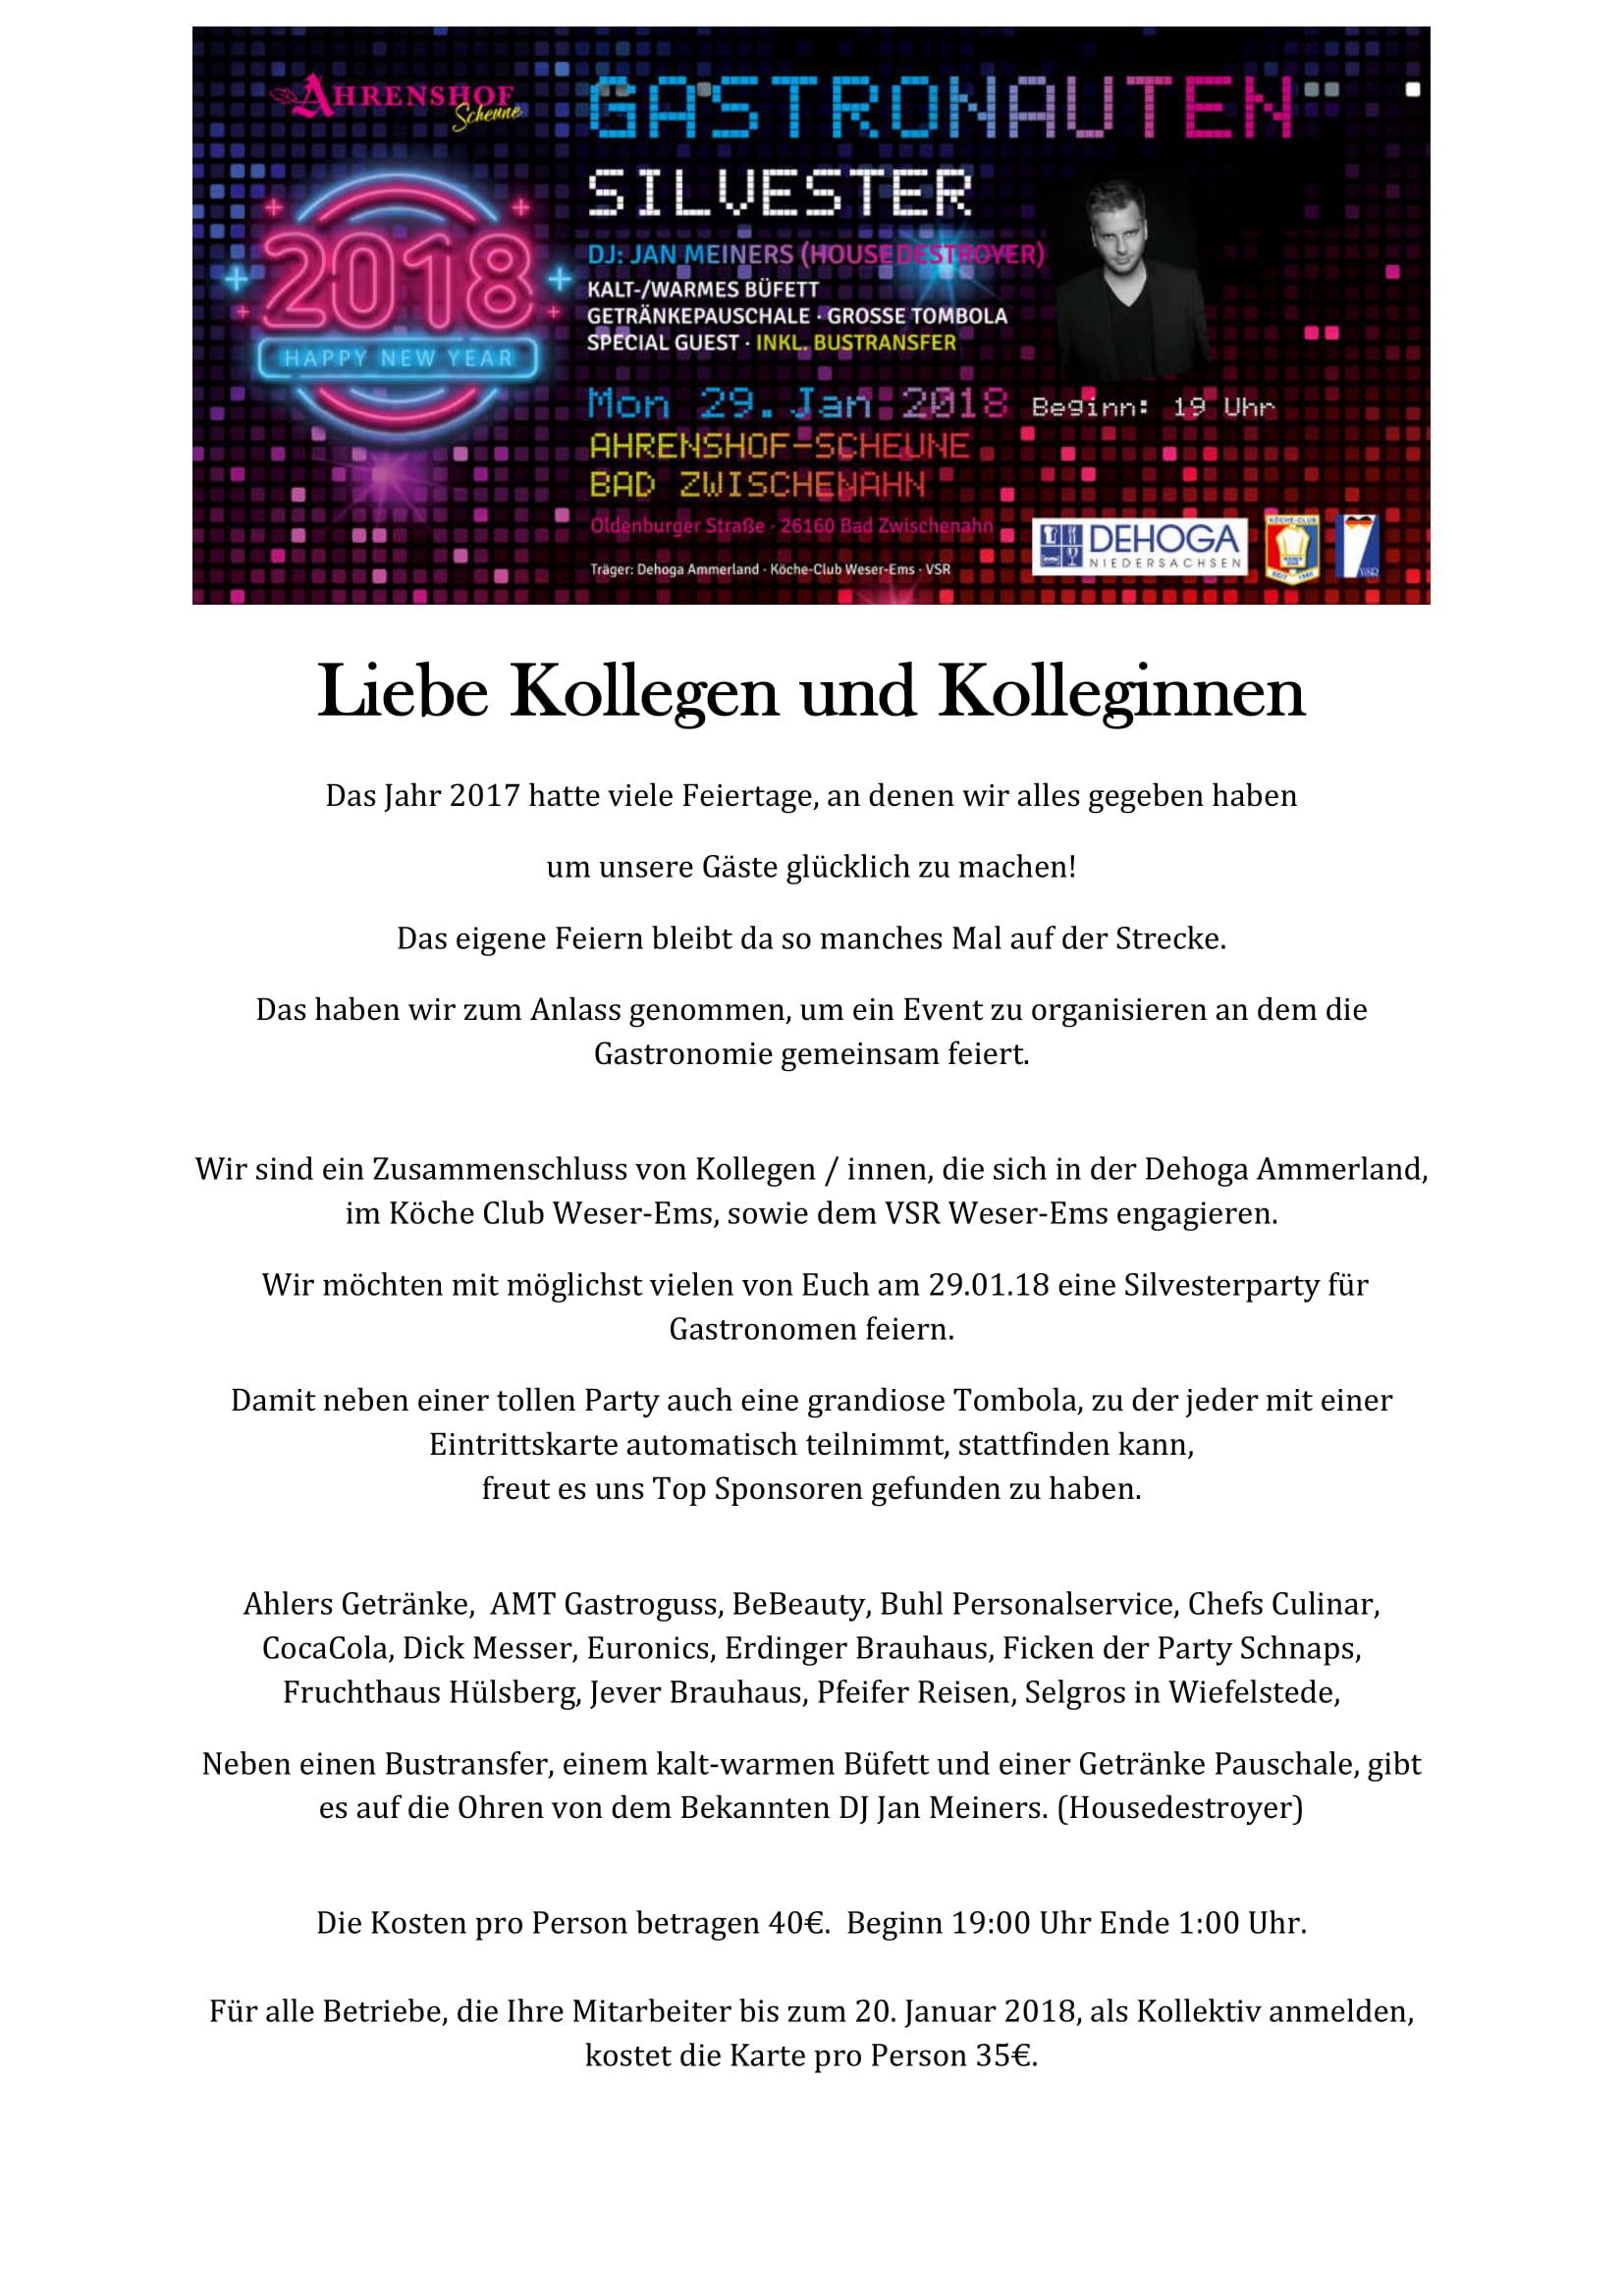 Gastronauten Silvester – Köche Club Weser Ems e.V.